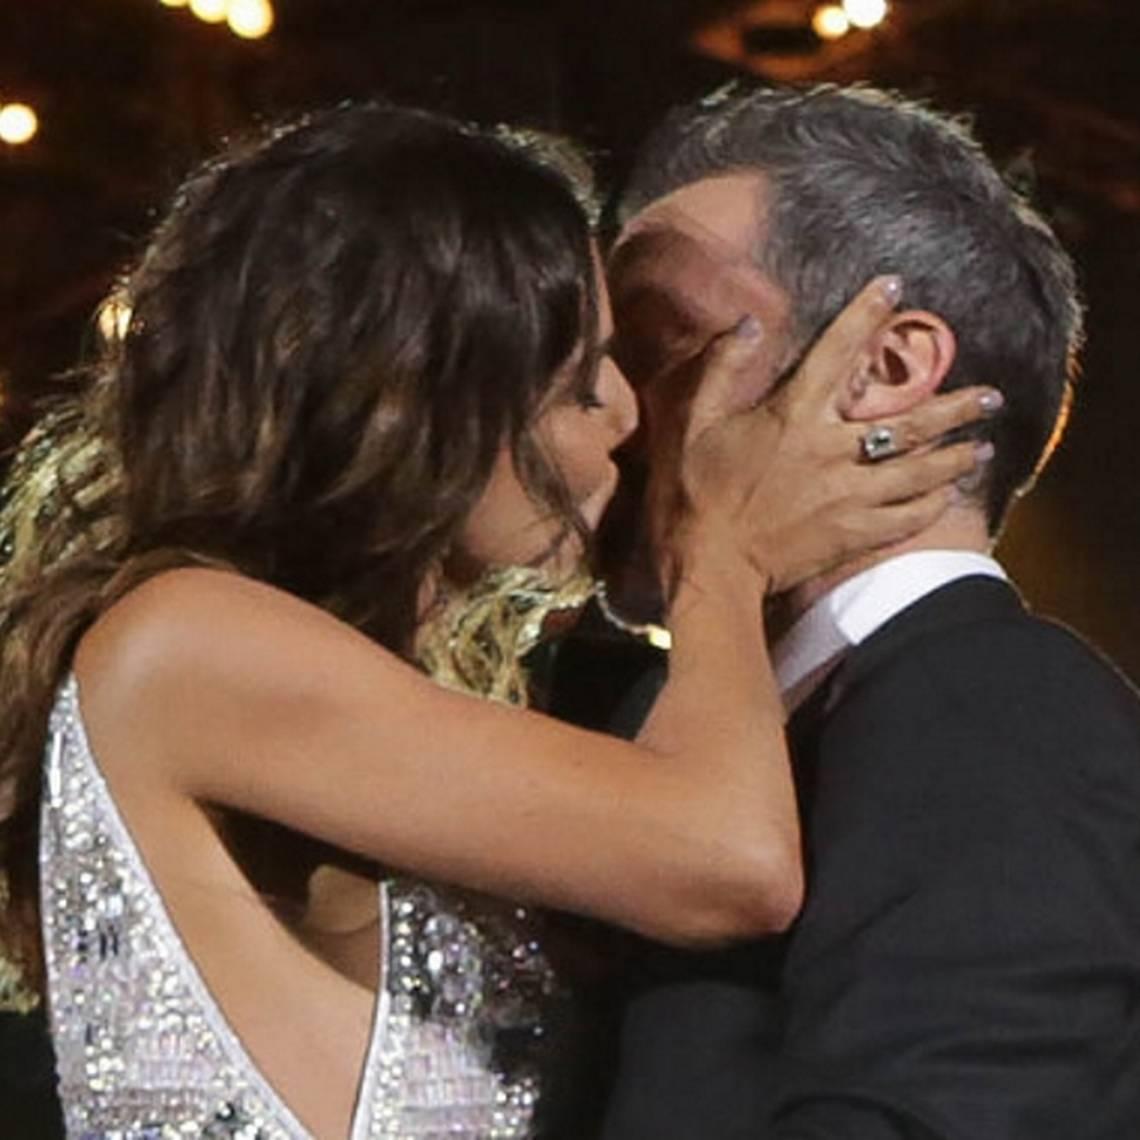 Con osado beso Mari Godoy y Cristián Sánchez dieron el vamos en Talca